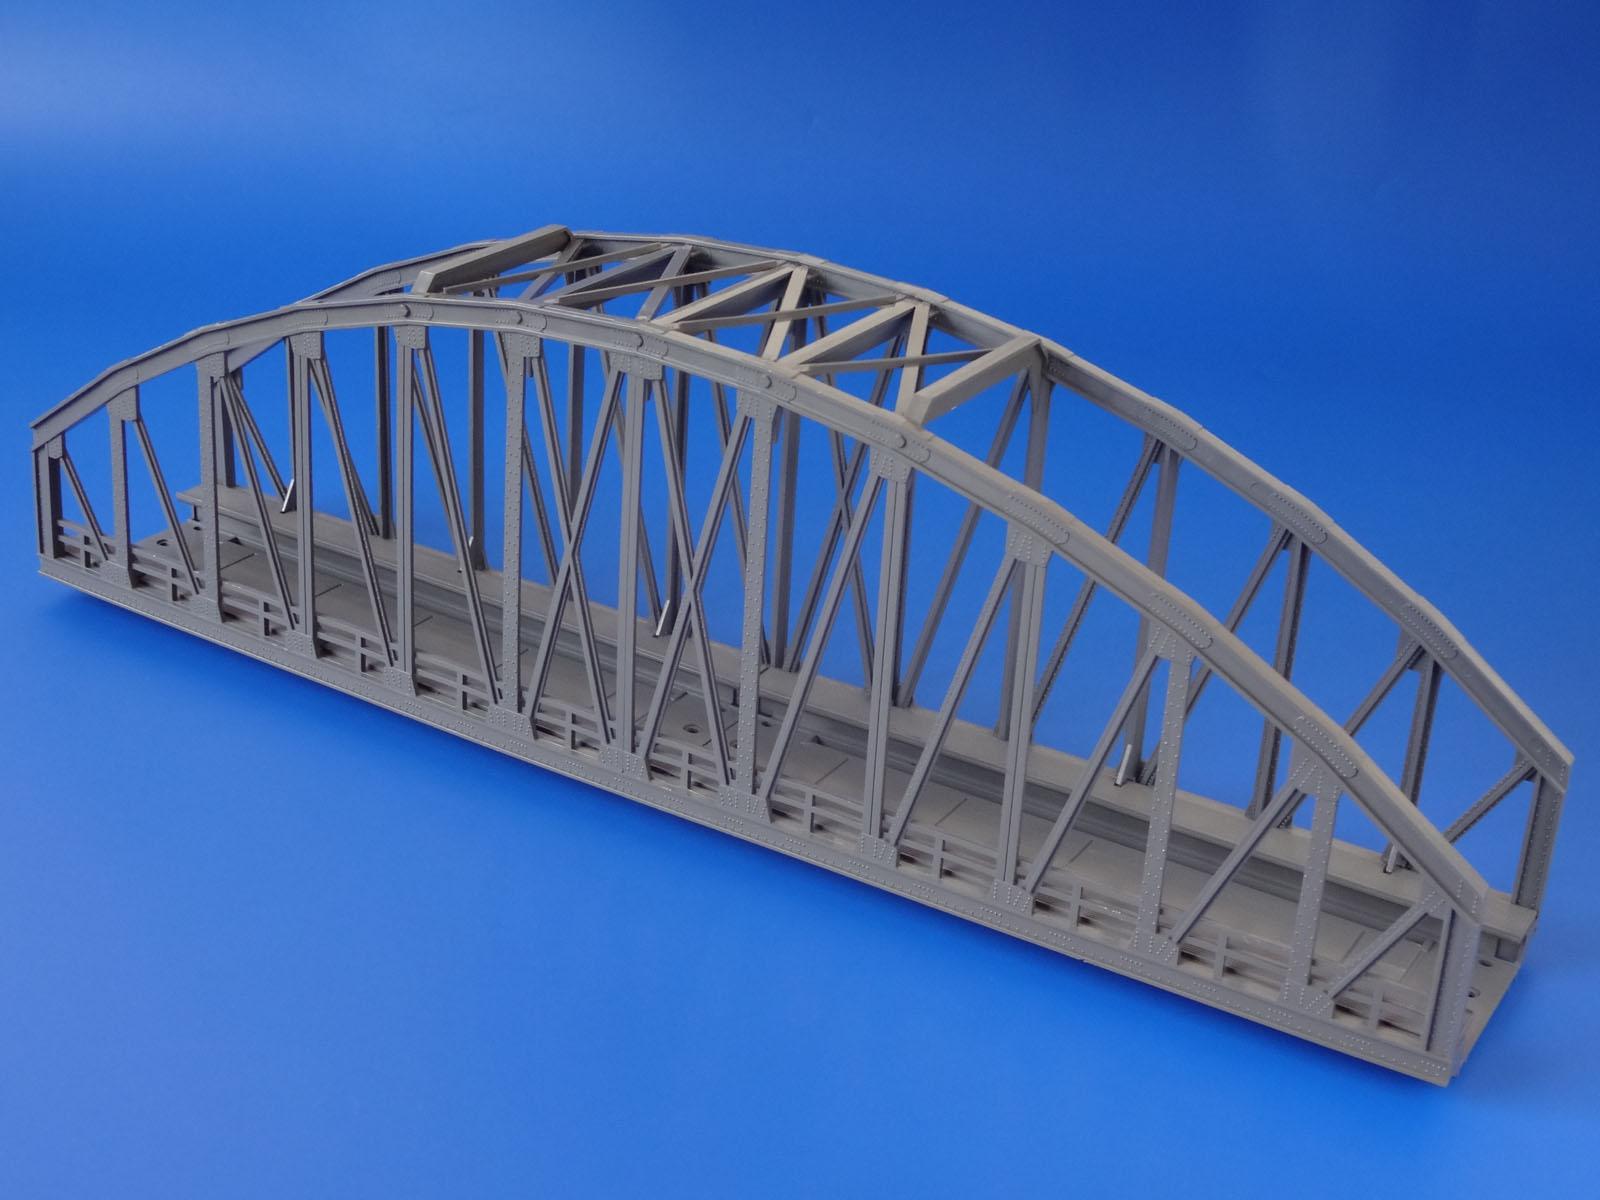 marklin voie c pont en arc 74636 ebay. Black Bedroom Furniture Sets. Home Design Ideas